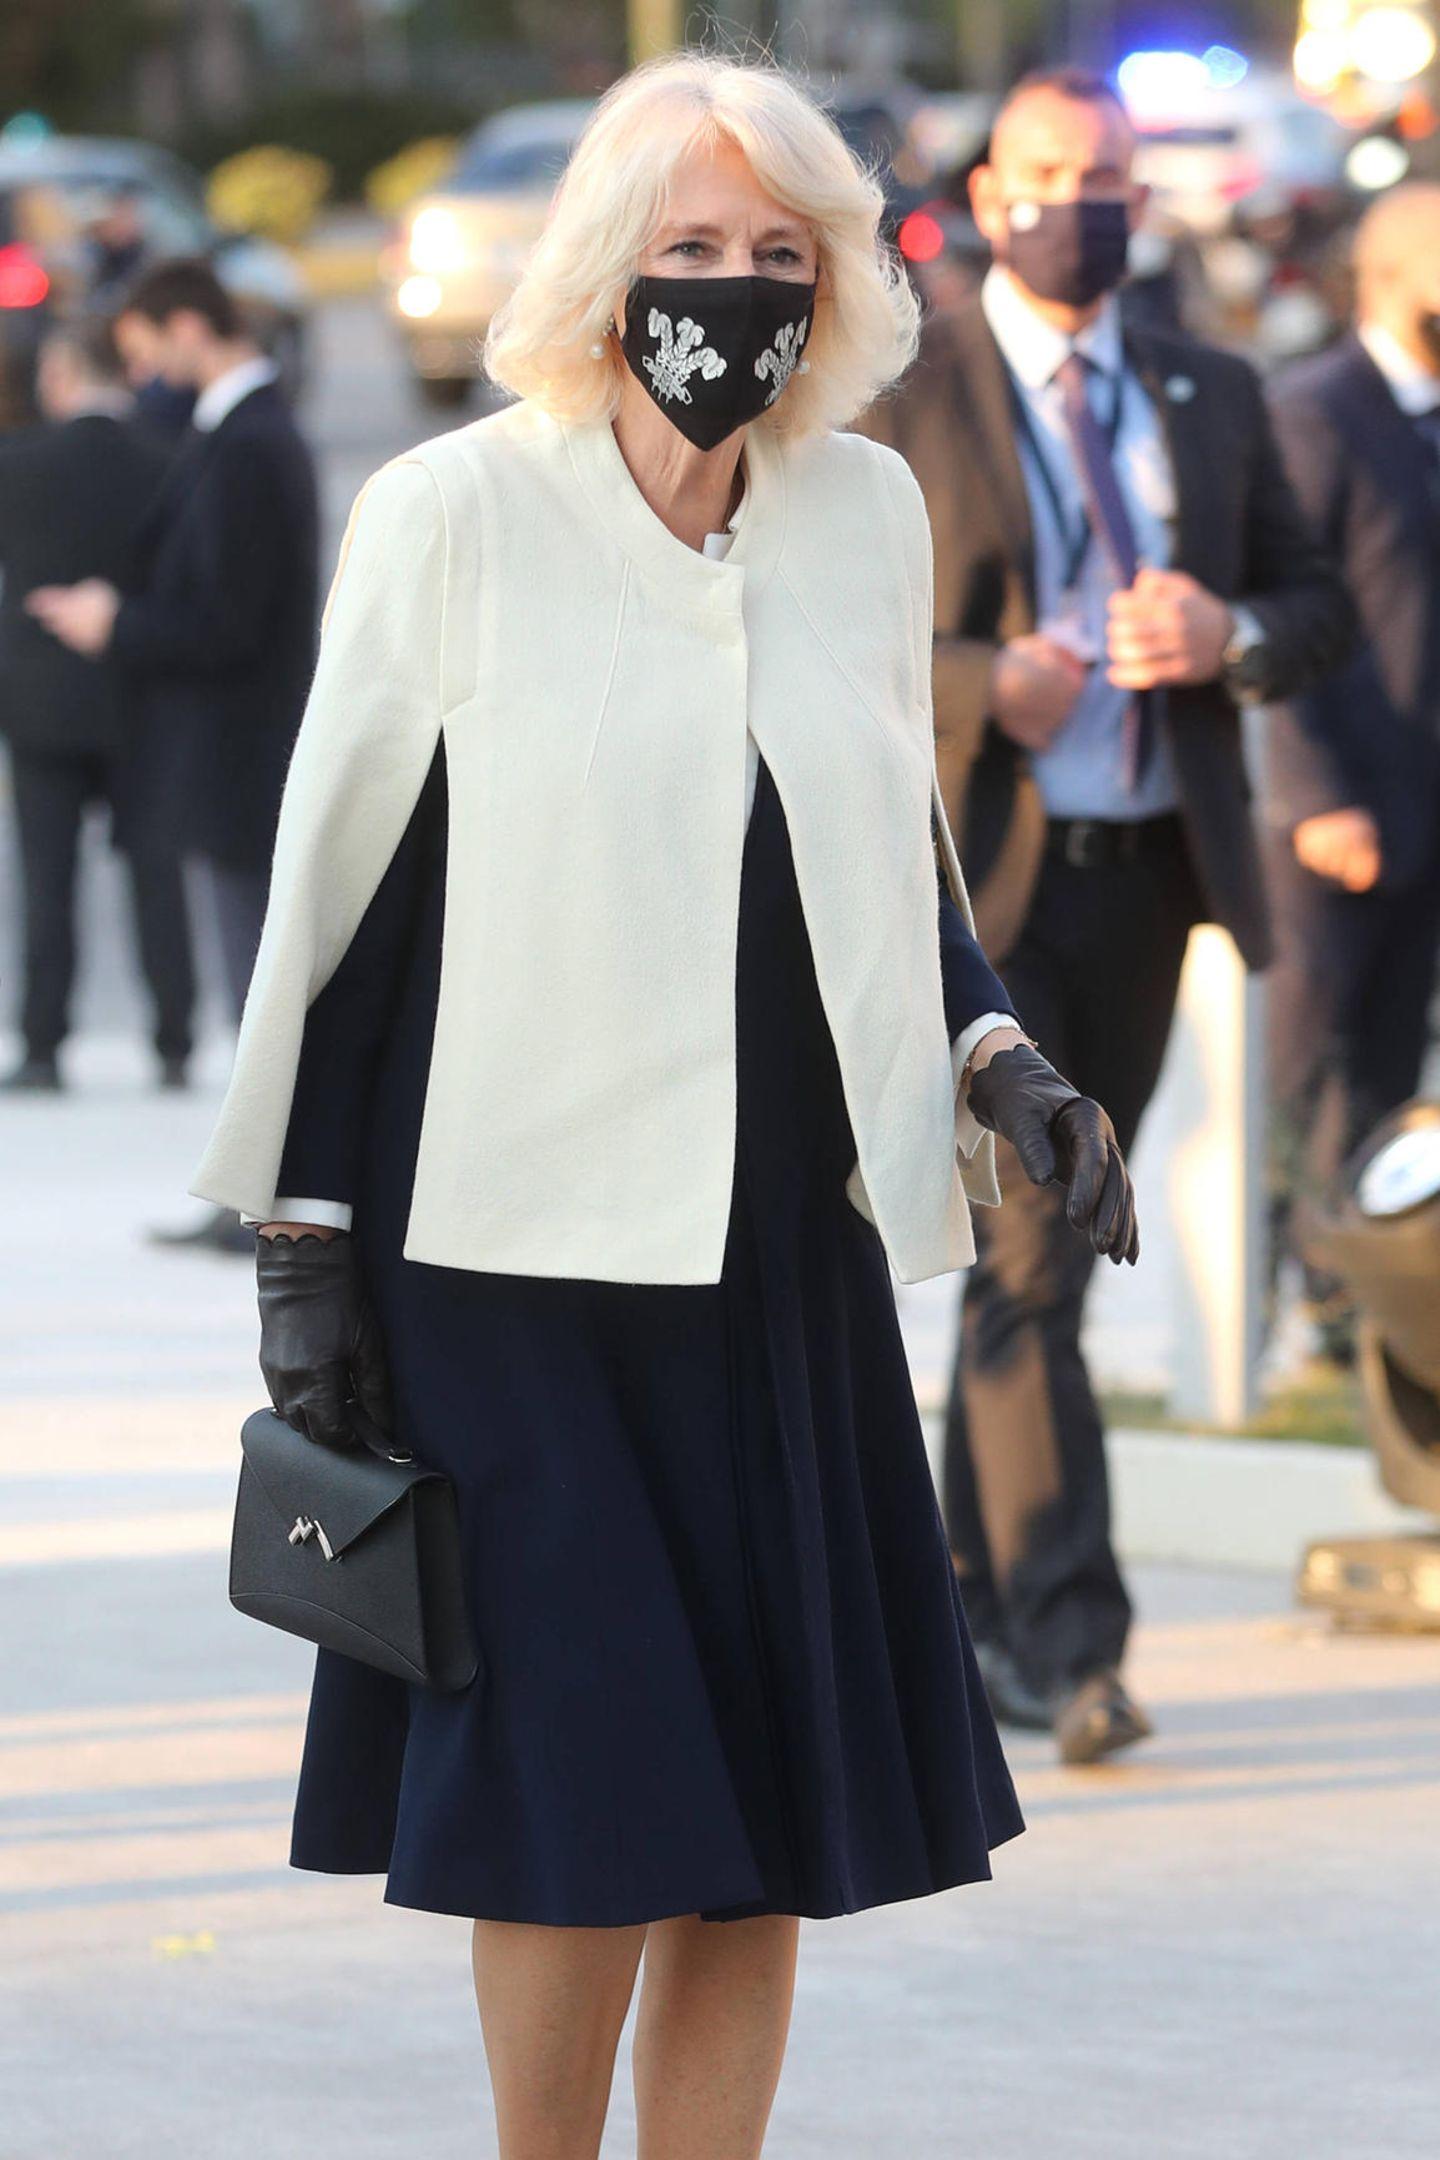 Herzogin Camilla und Prinz Charles sind nach Athen gereist um 200 Jahre Unabhängigkeit Griechenlands zu feiern. Bei der Ankunft trägt Camilla ein dunklesblaues Ensemble mit weißem Cape.